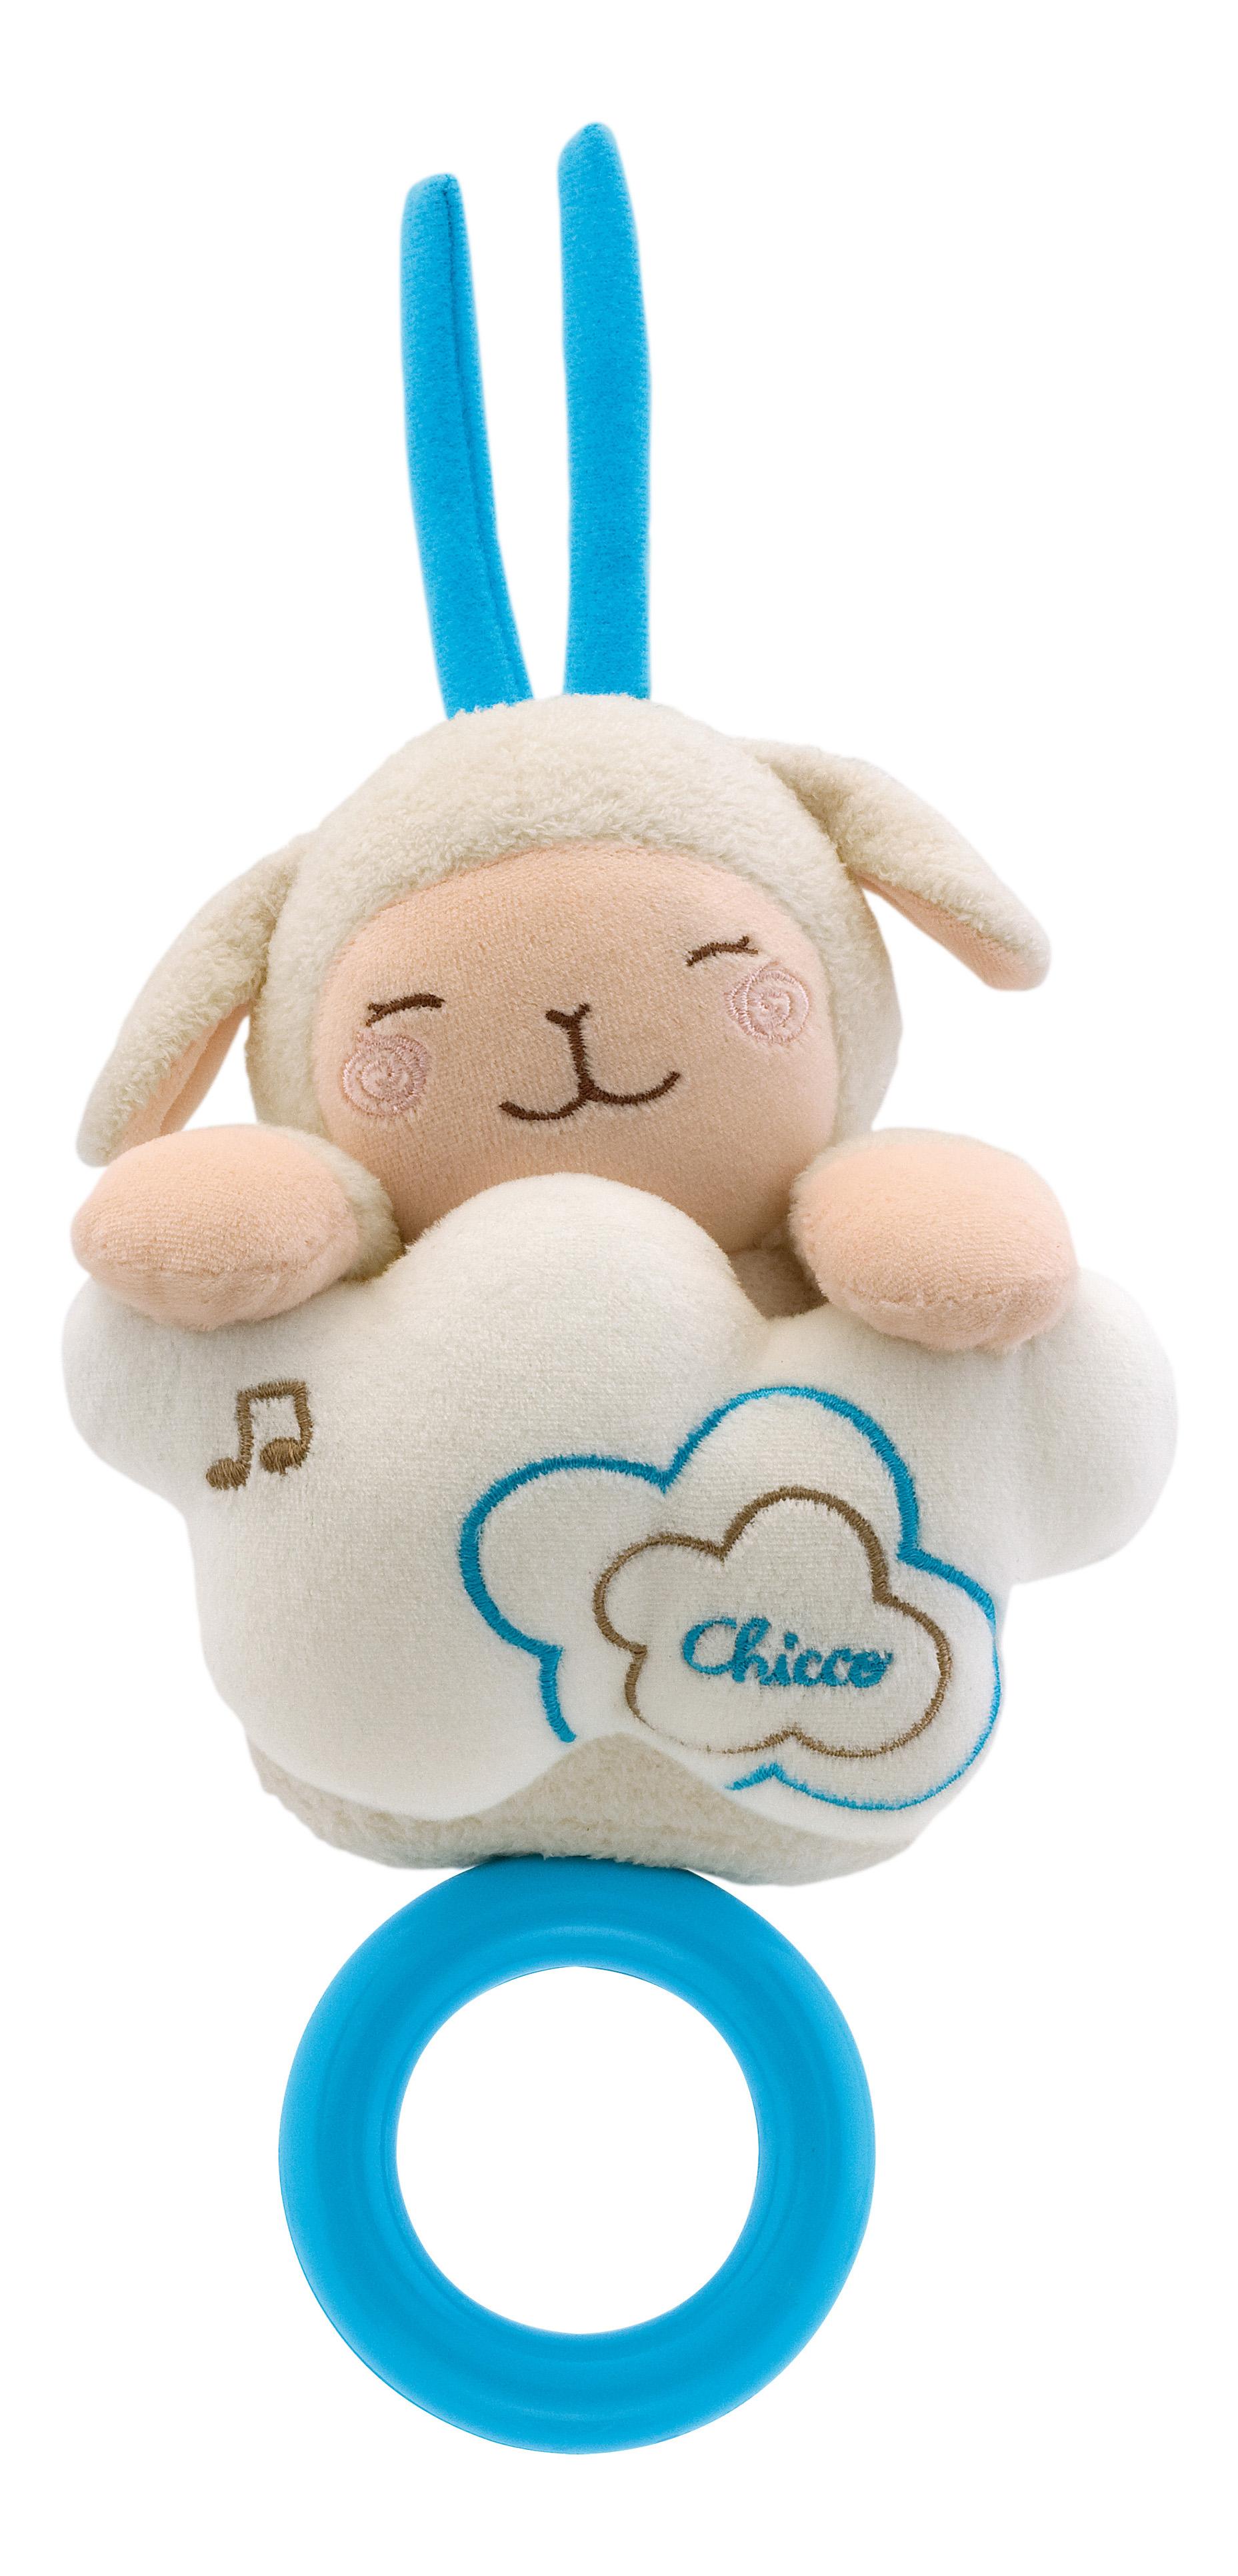 Купить Подвеска музыкальная для кроватки Chicco Мягкая овечка 74200, Развивающие игрушки